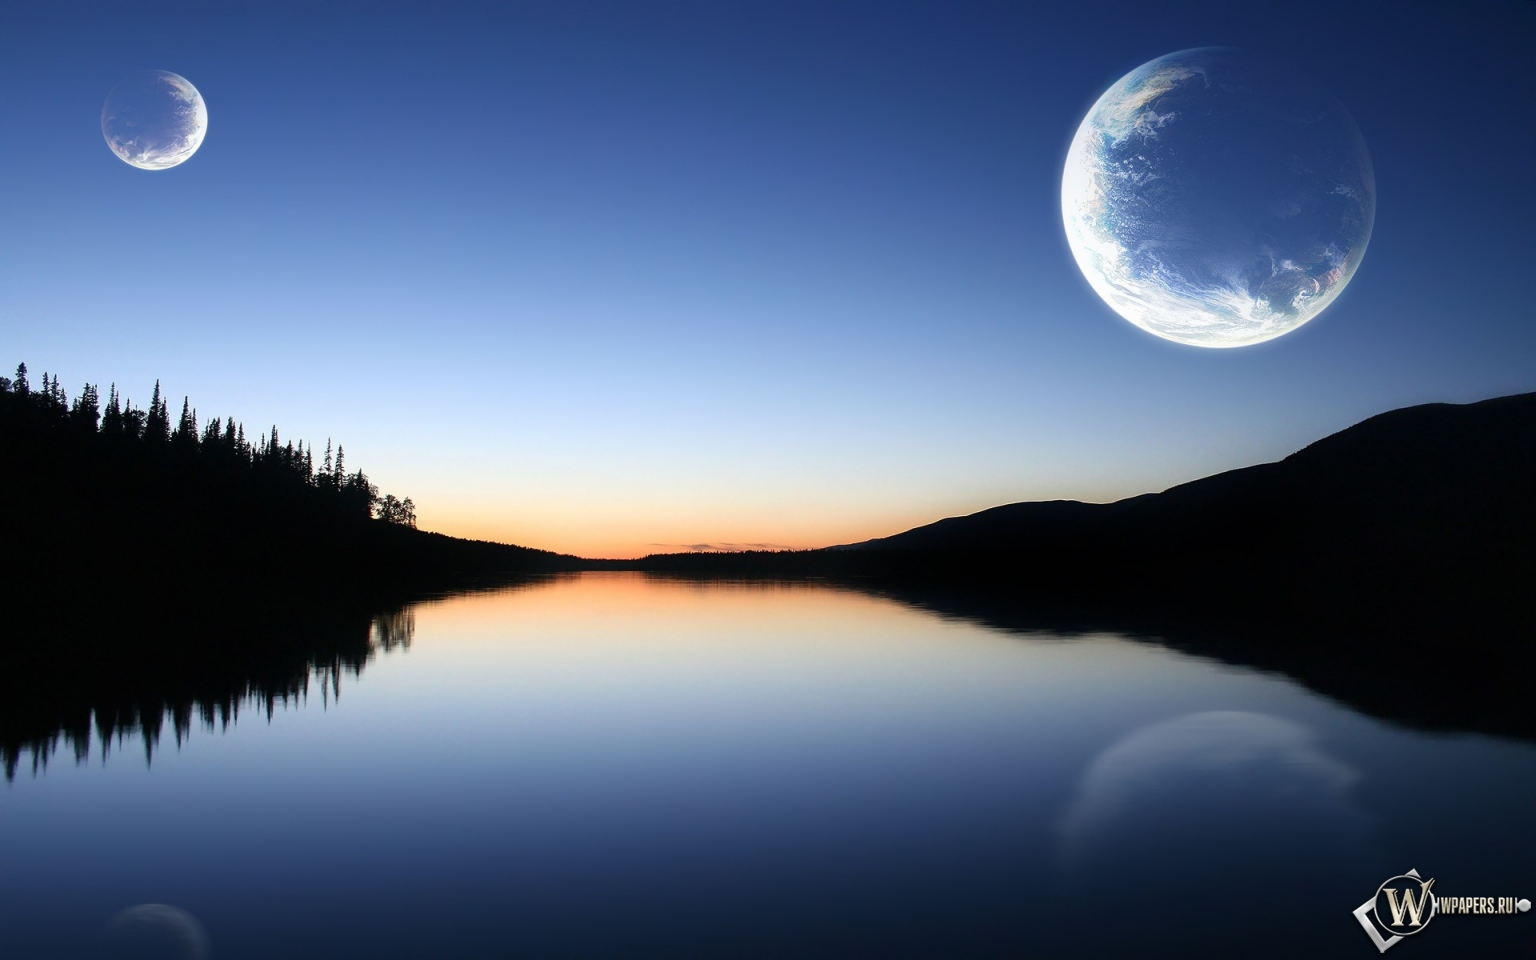 Две луны 1536x960